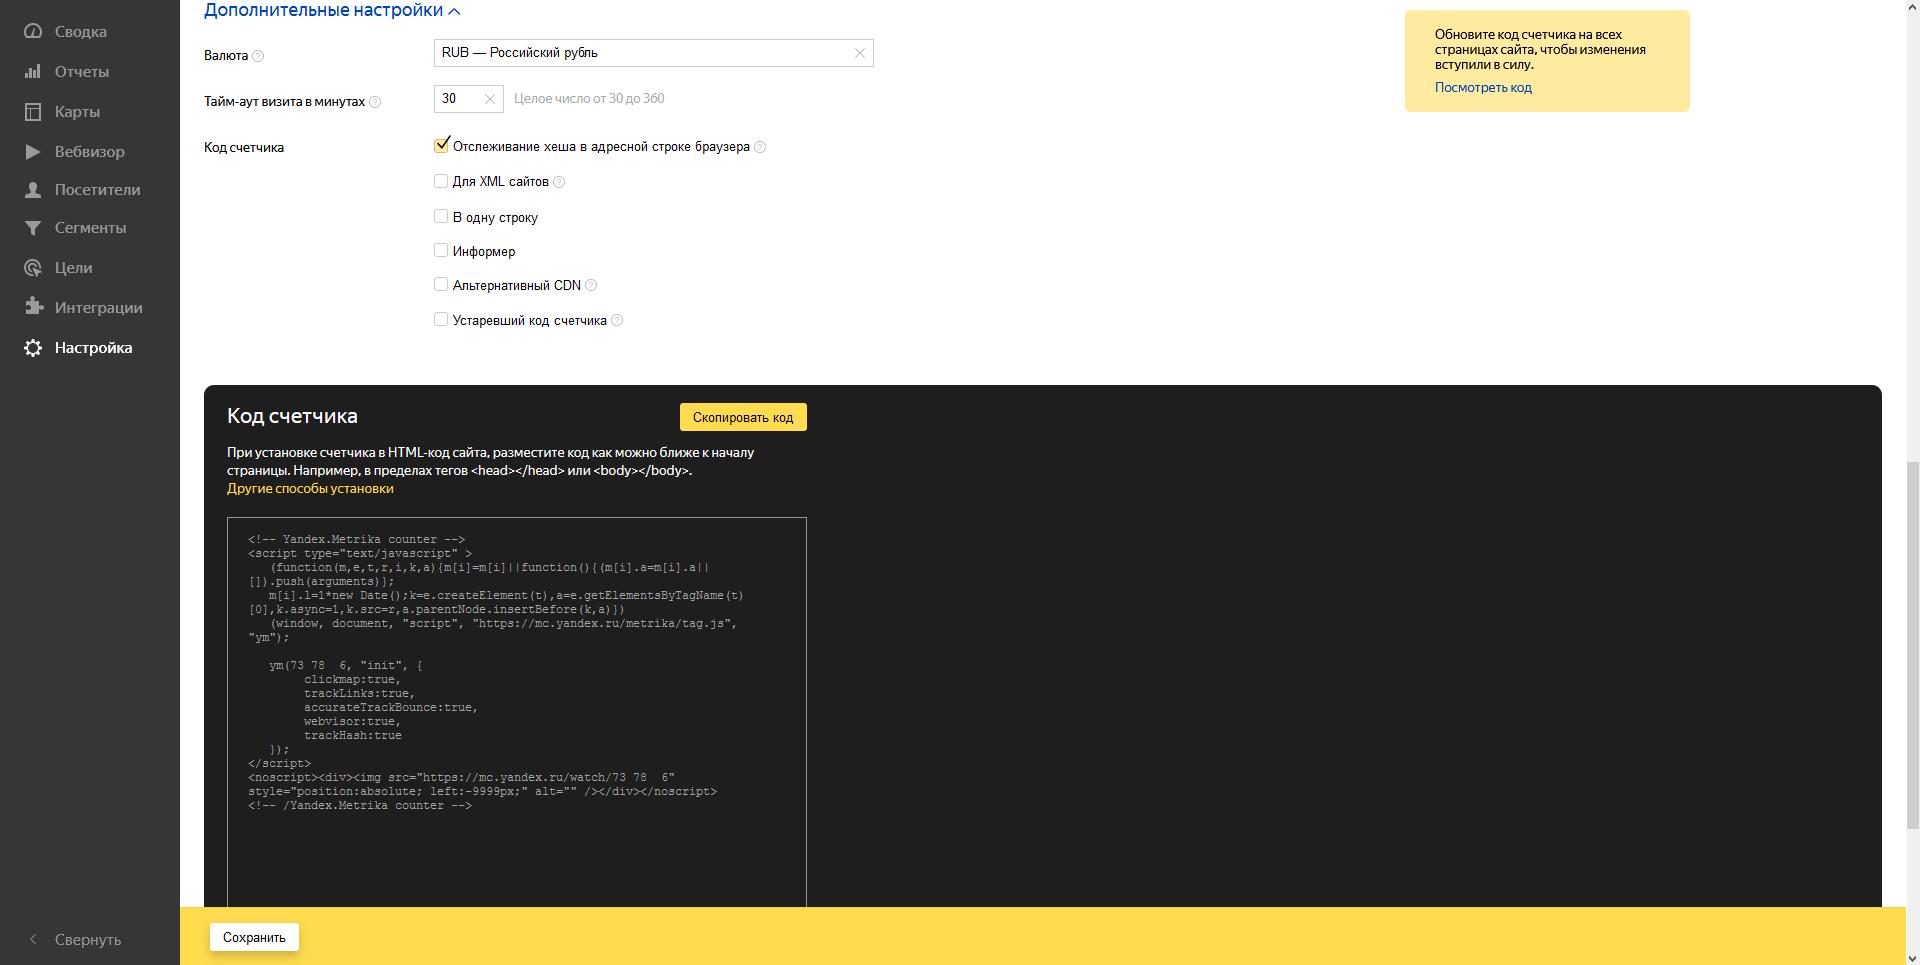 Код счетчика актуальной версии Яндекс Метрики